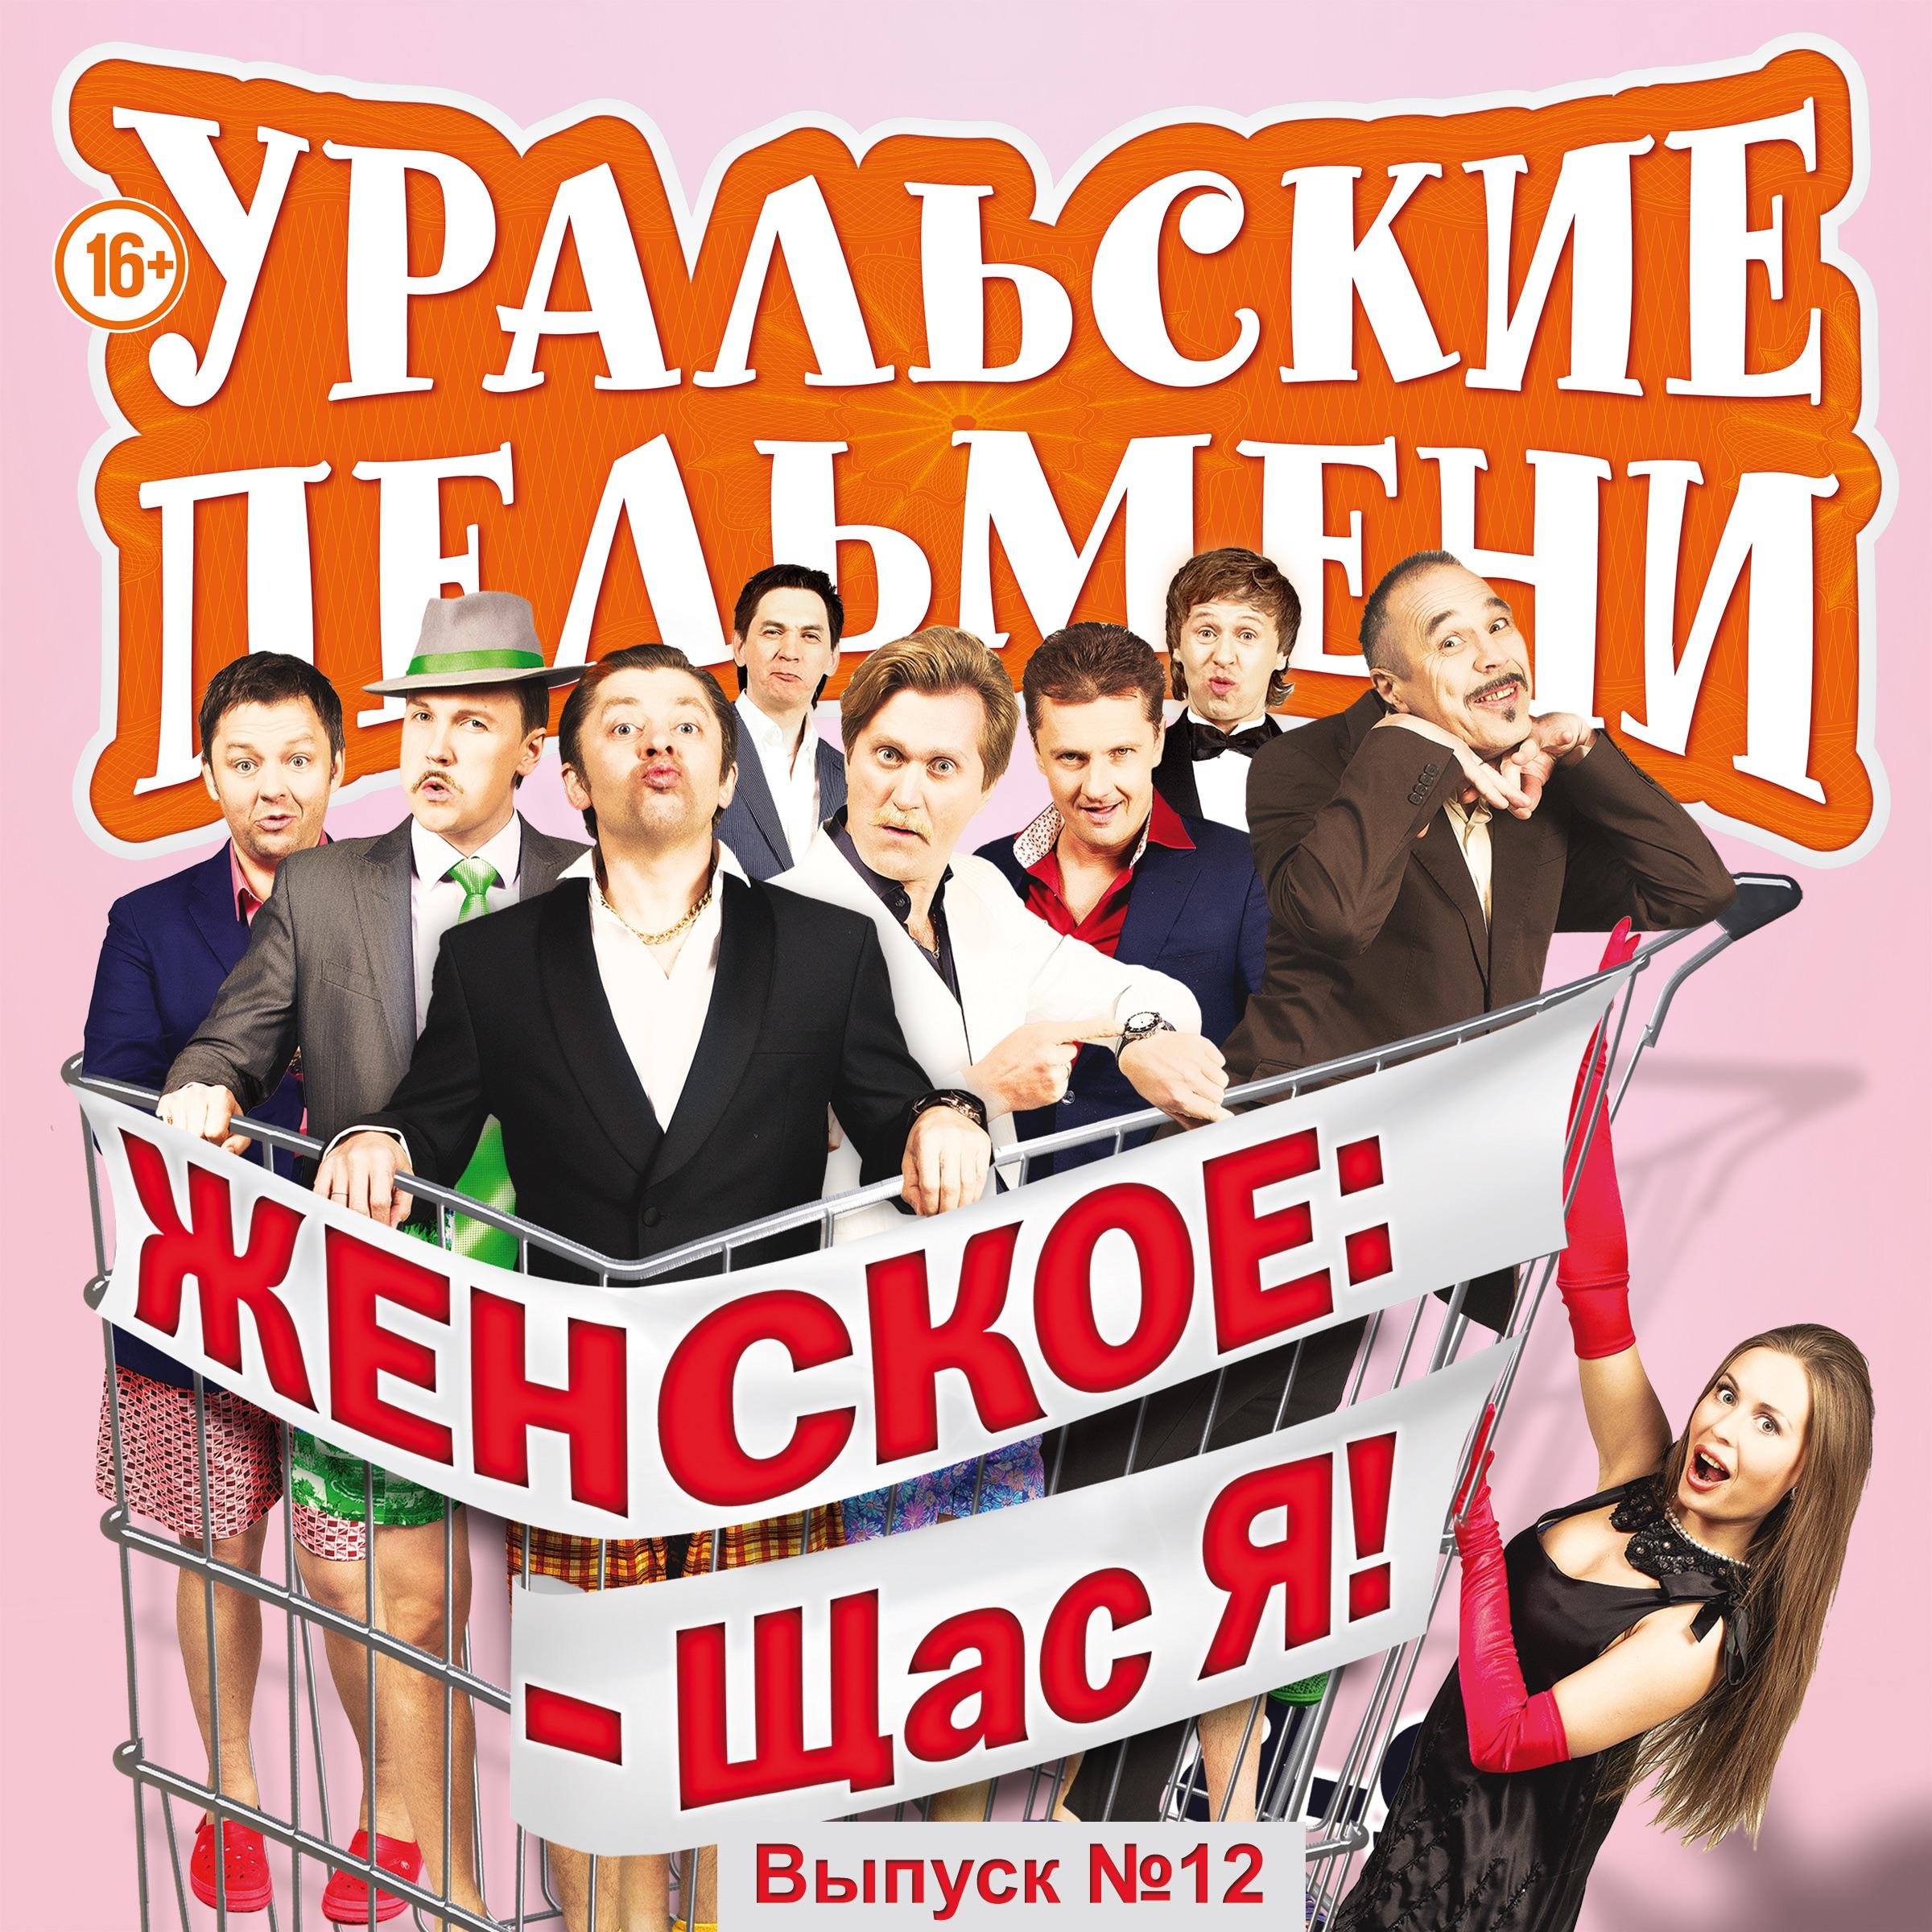 Уральские пельмени земля и люди смотреть онлайн 10 фотография